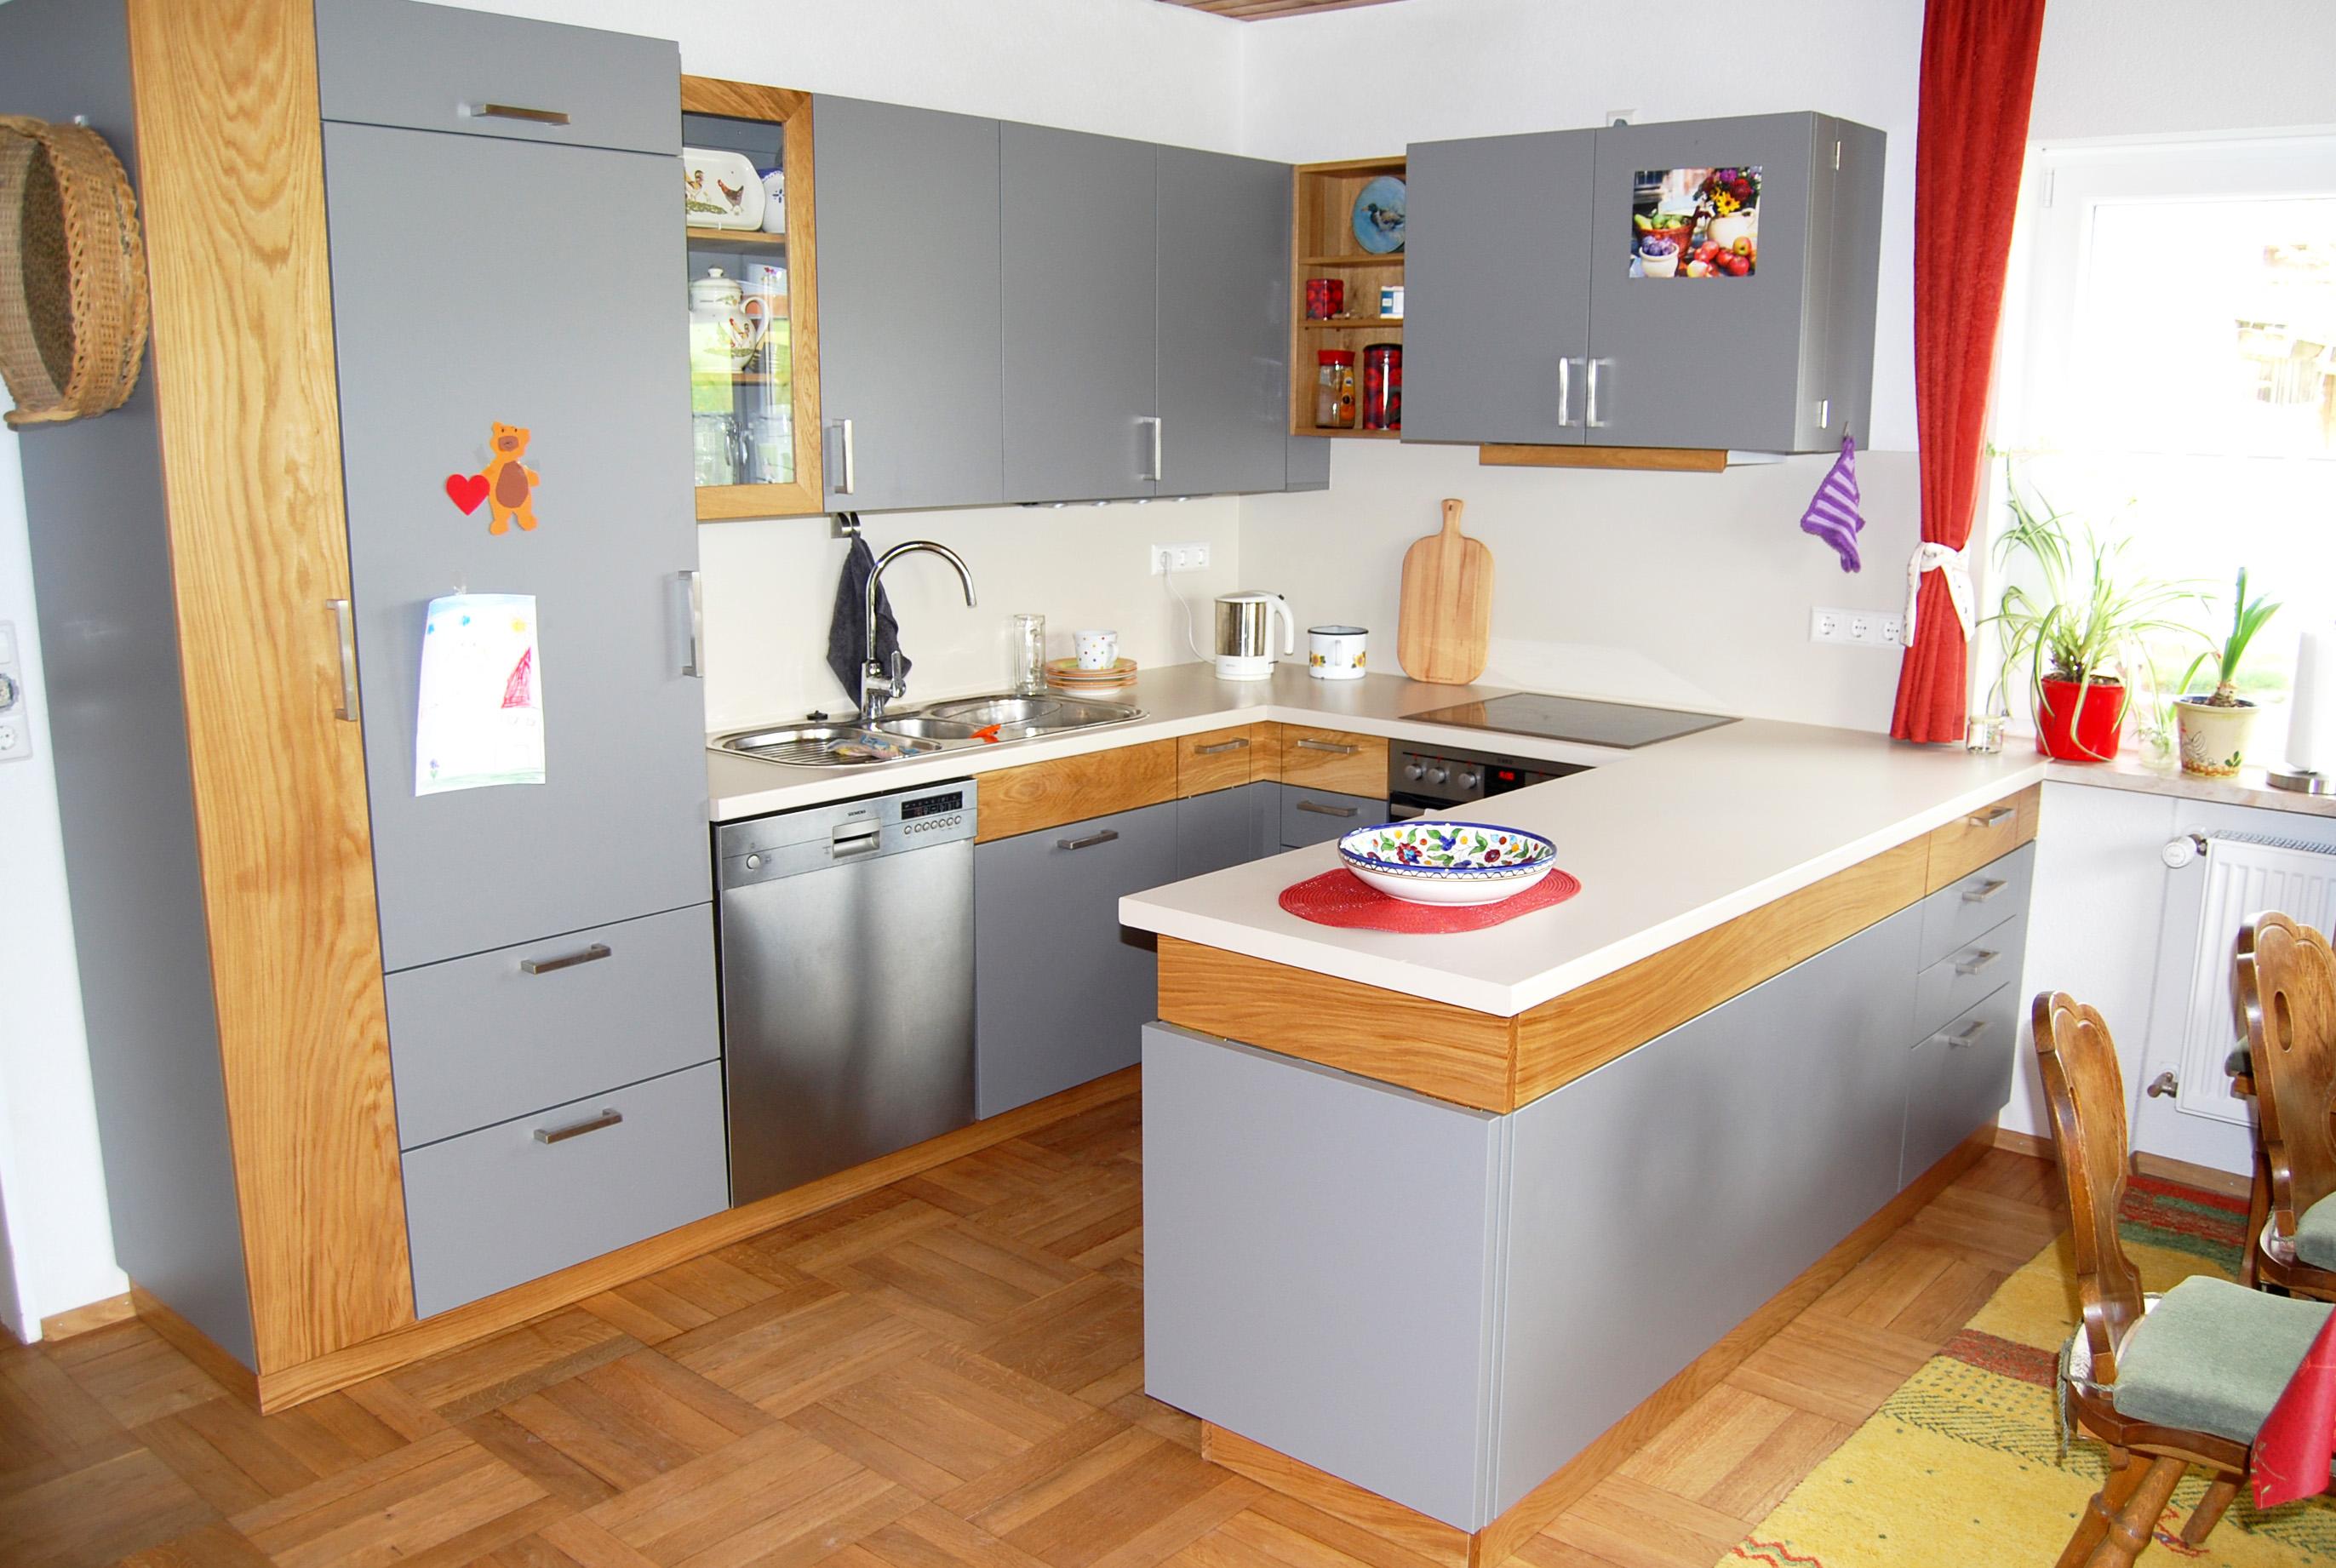 schreinerei seybold aktuelles. Black Bedroom Furniture Sets. Home Design Ideas